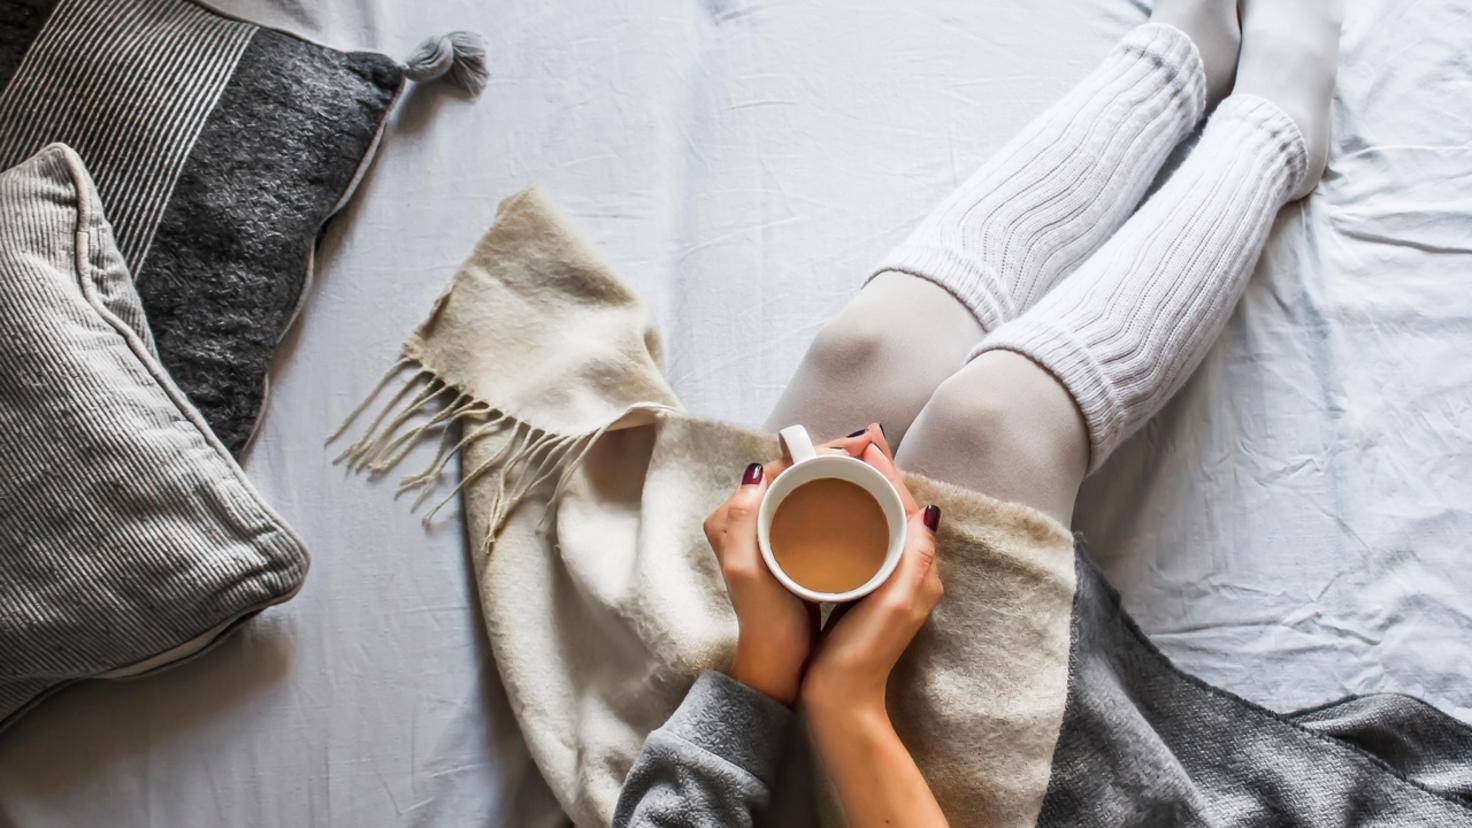 Eine gute Alternative zum übertriebenen Heizen: warme Kleidung. Ist auch gemütlicher.